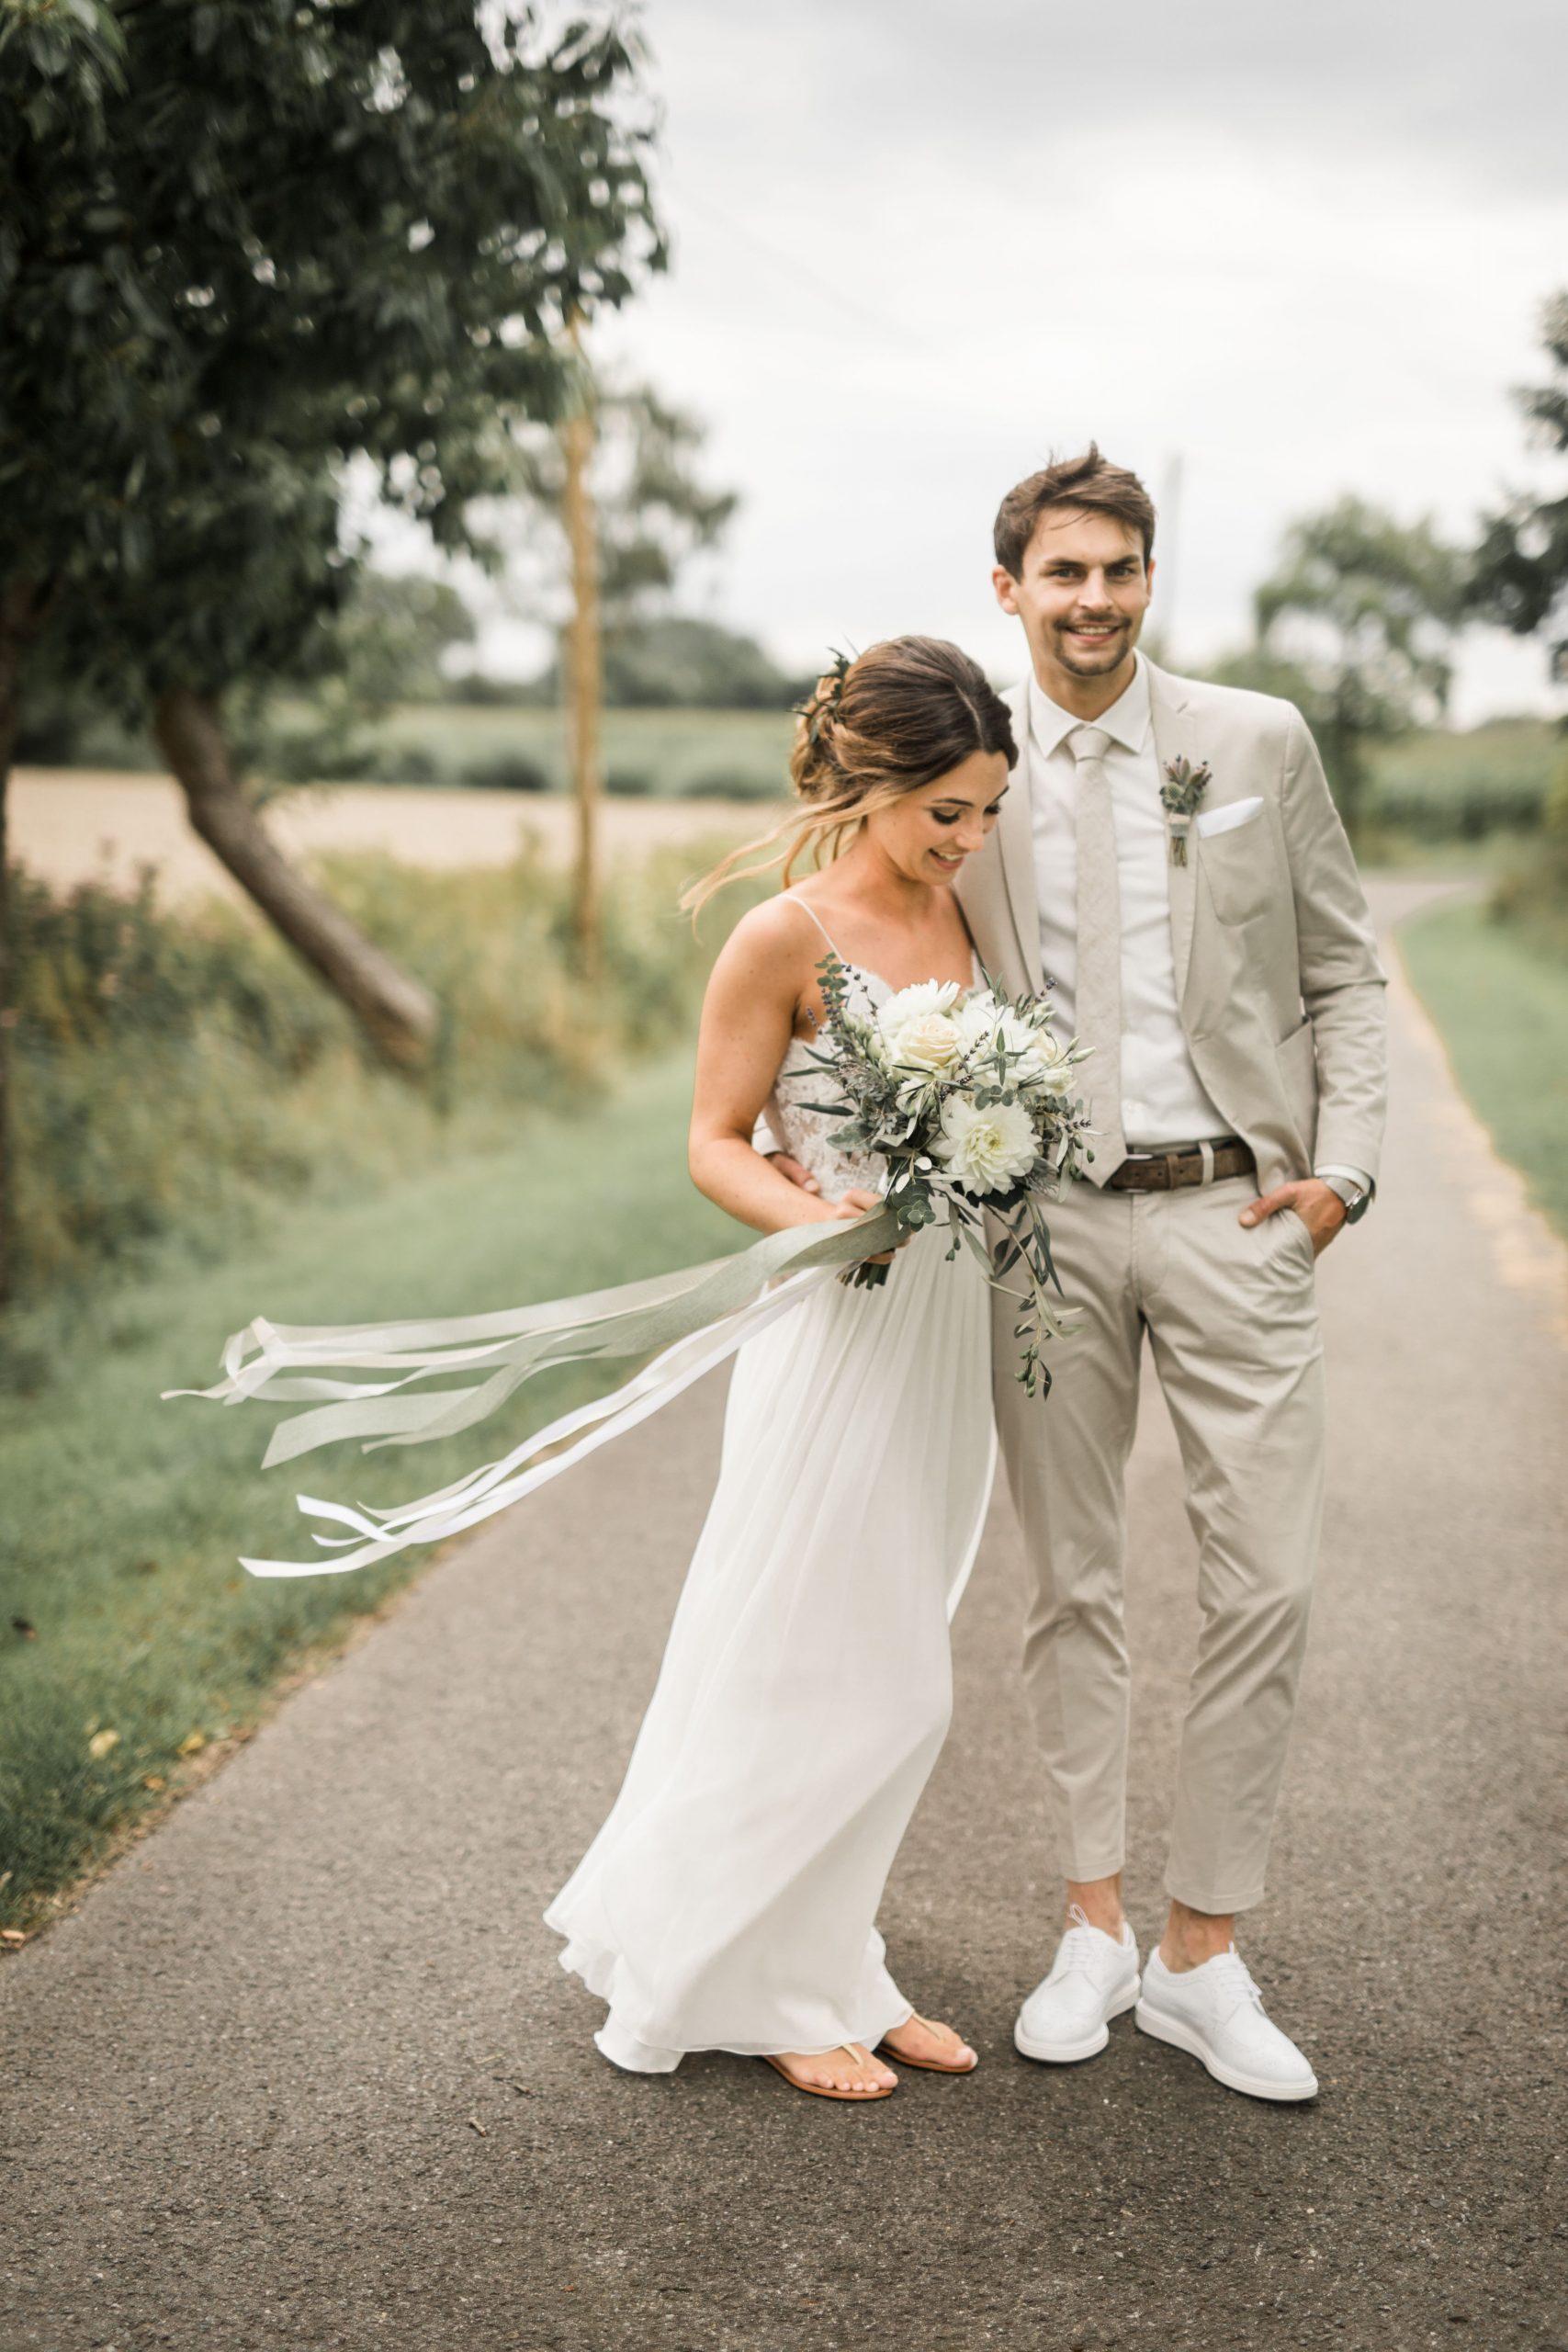 Emotionale Freie Trauung Im Boho-Stil In 2020 | Hochzeit